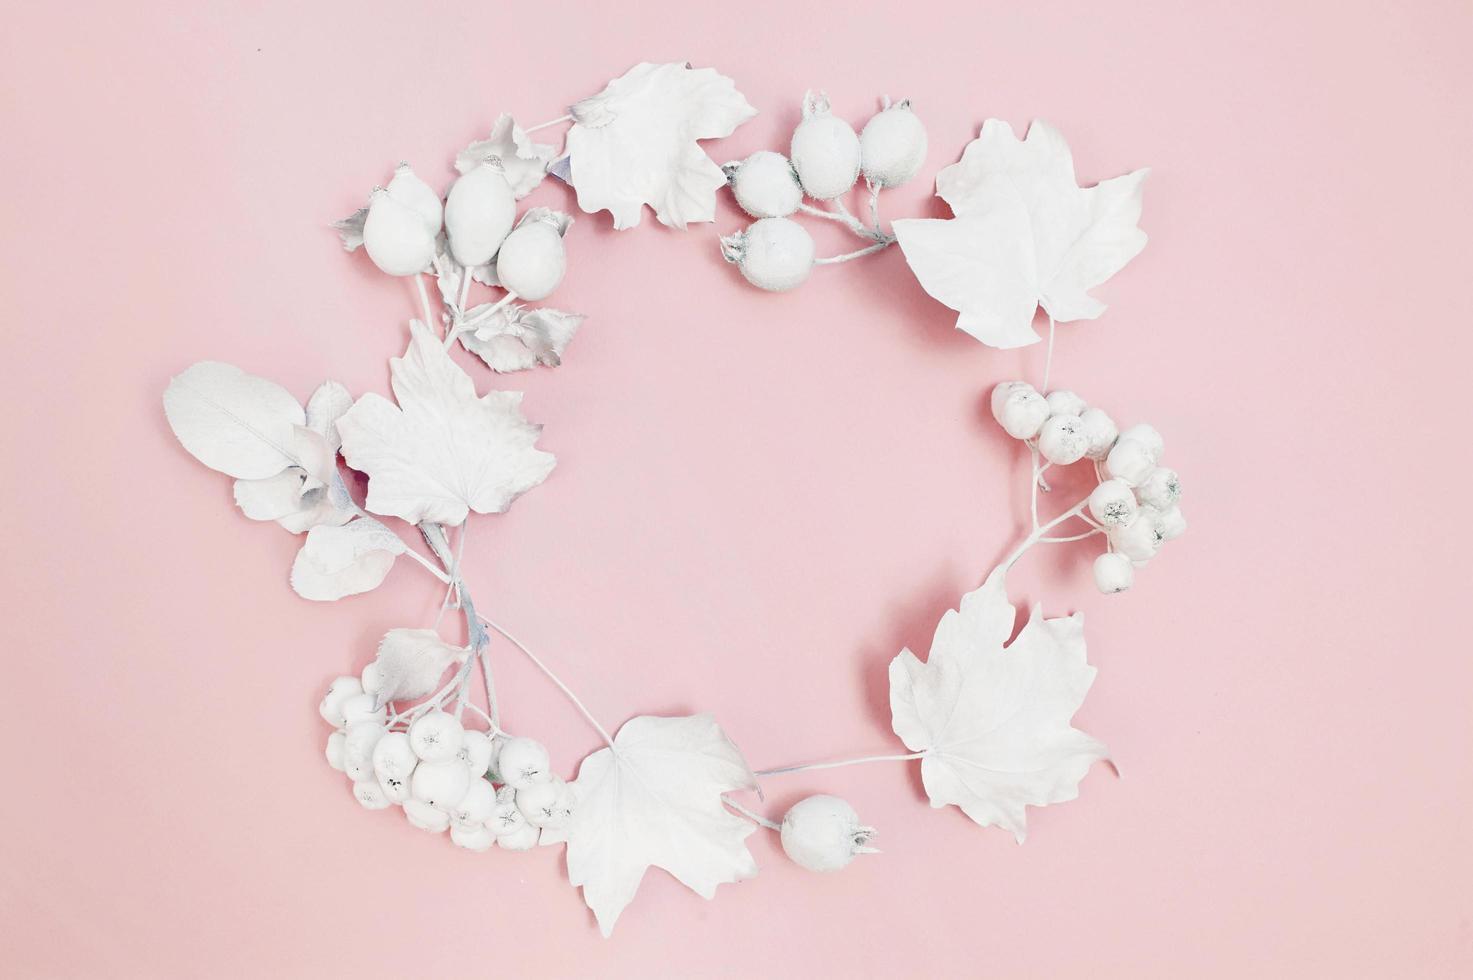 cirkel van witte bessen en witte bladeren op roze achtergrond foto